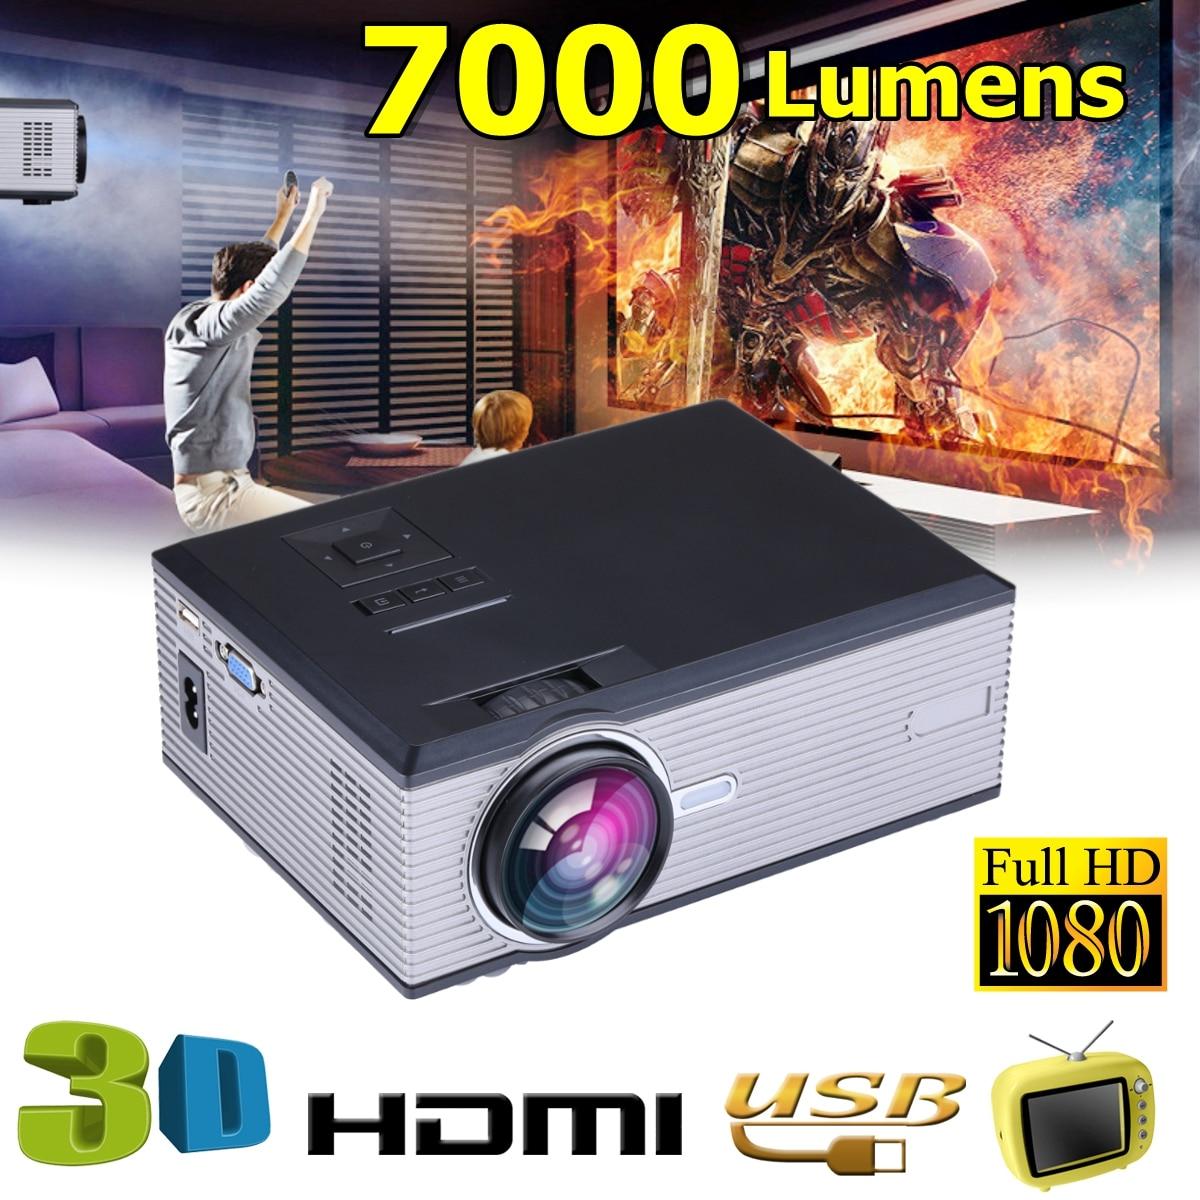 1080 p Projecteur Vidéo LED pour La Maison Theater7000Lumensupport Full HD Mini projecteur HD/USB/SD/AV/ VGA HOME CINÉMA